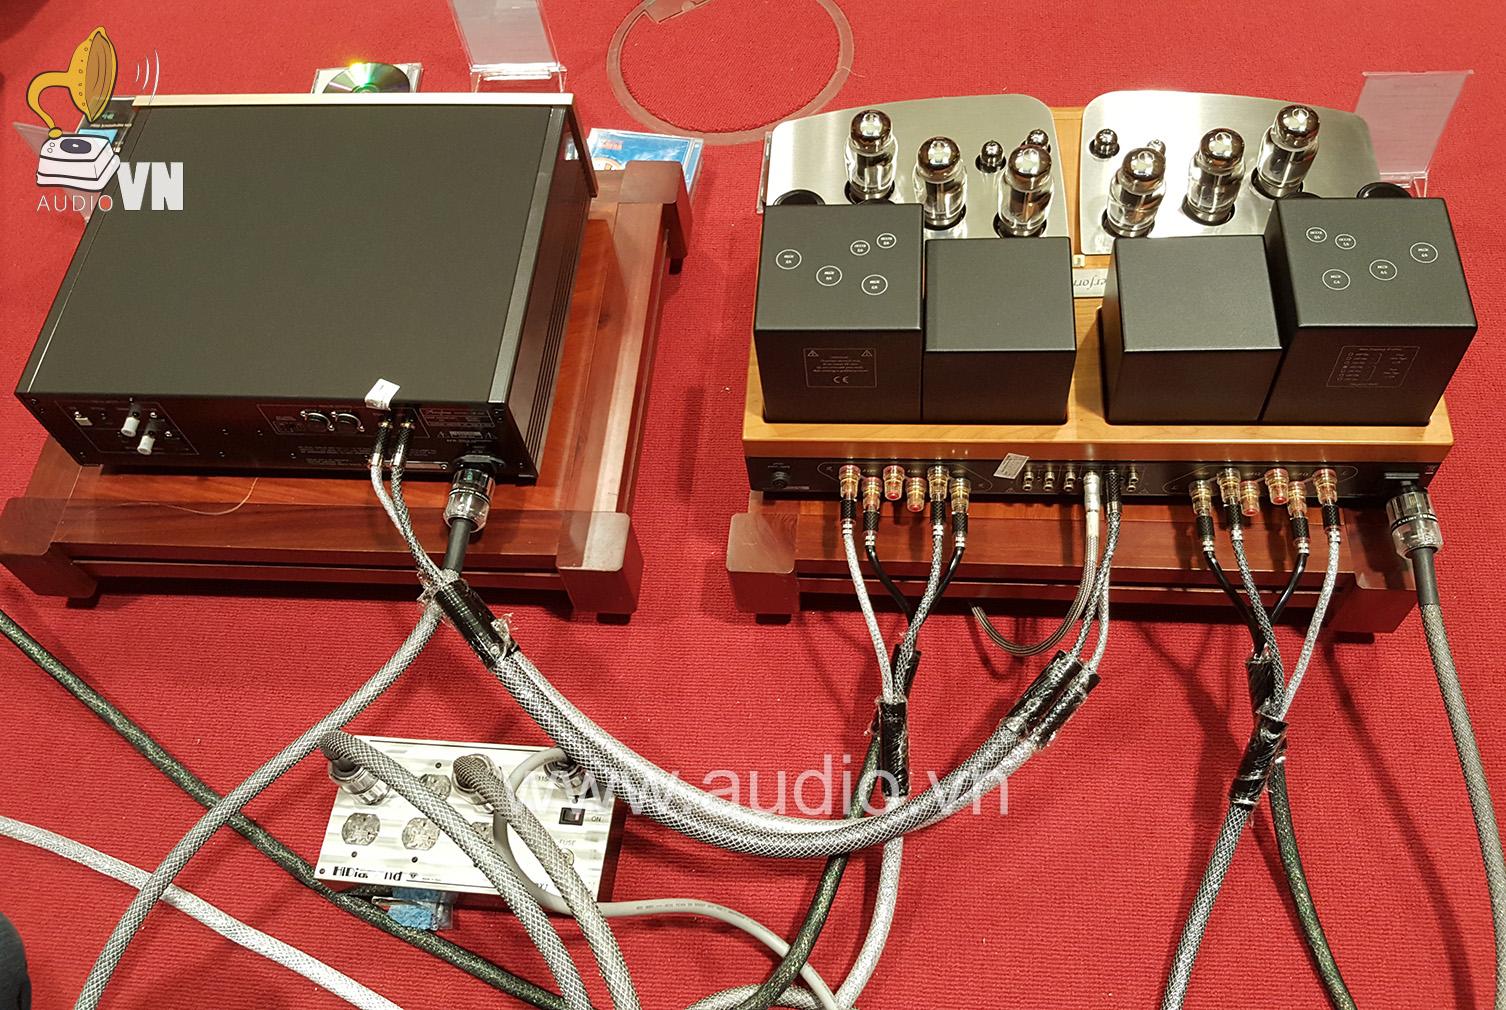 Supra cables (2)